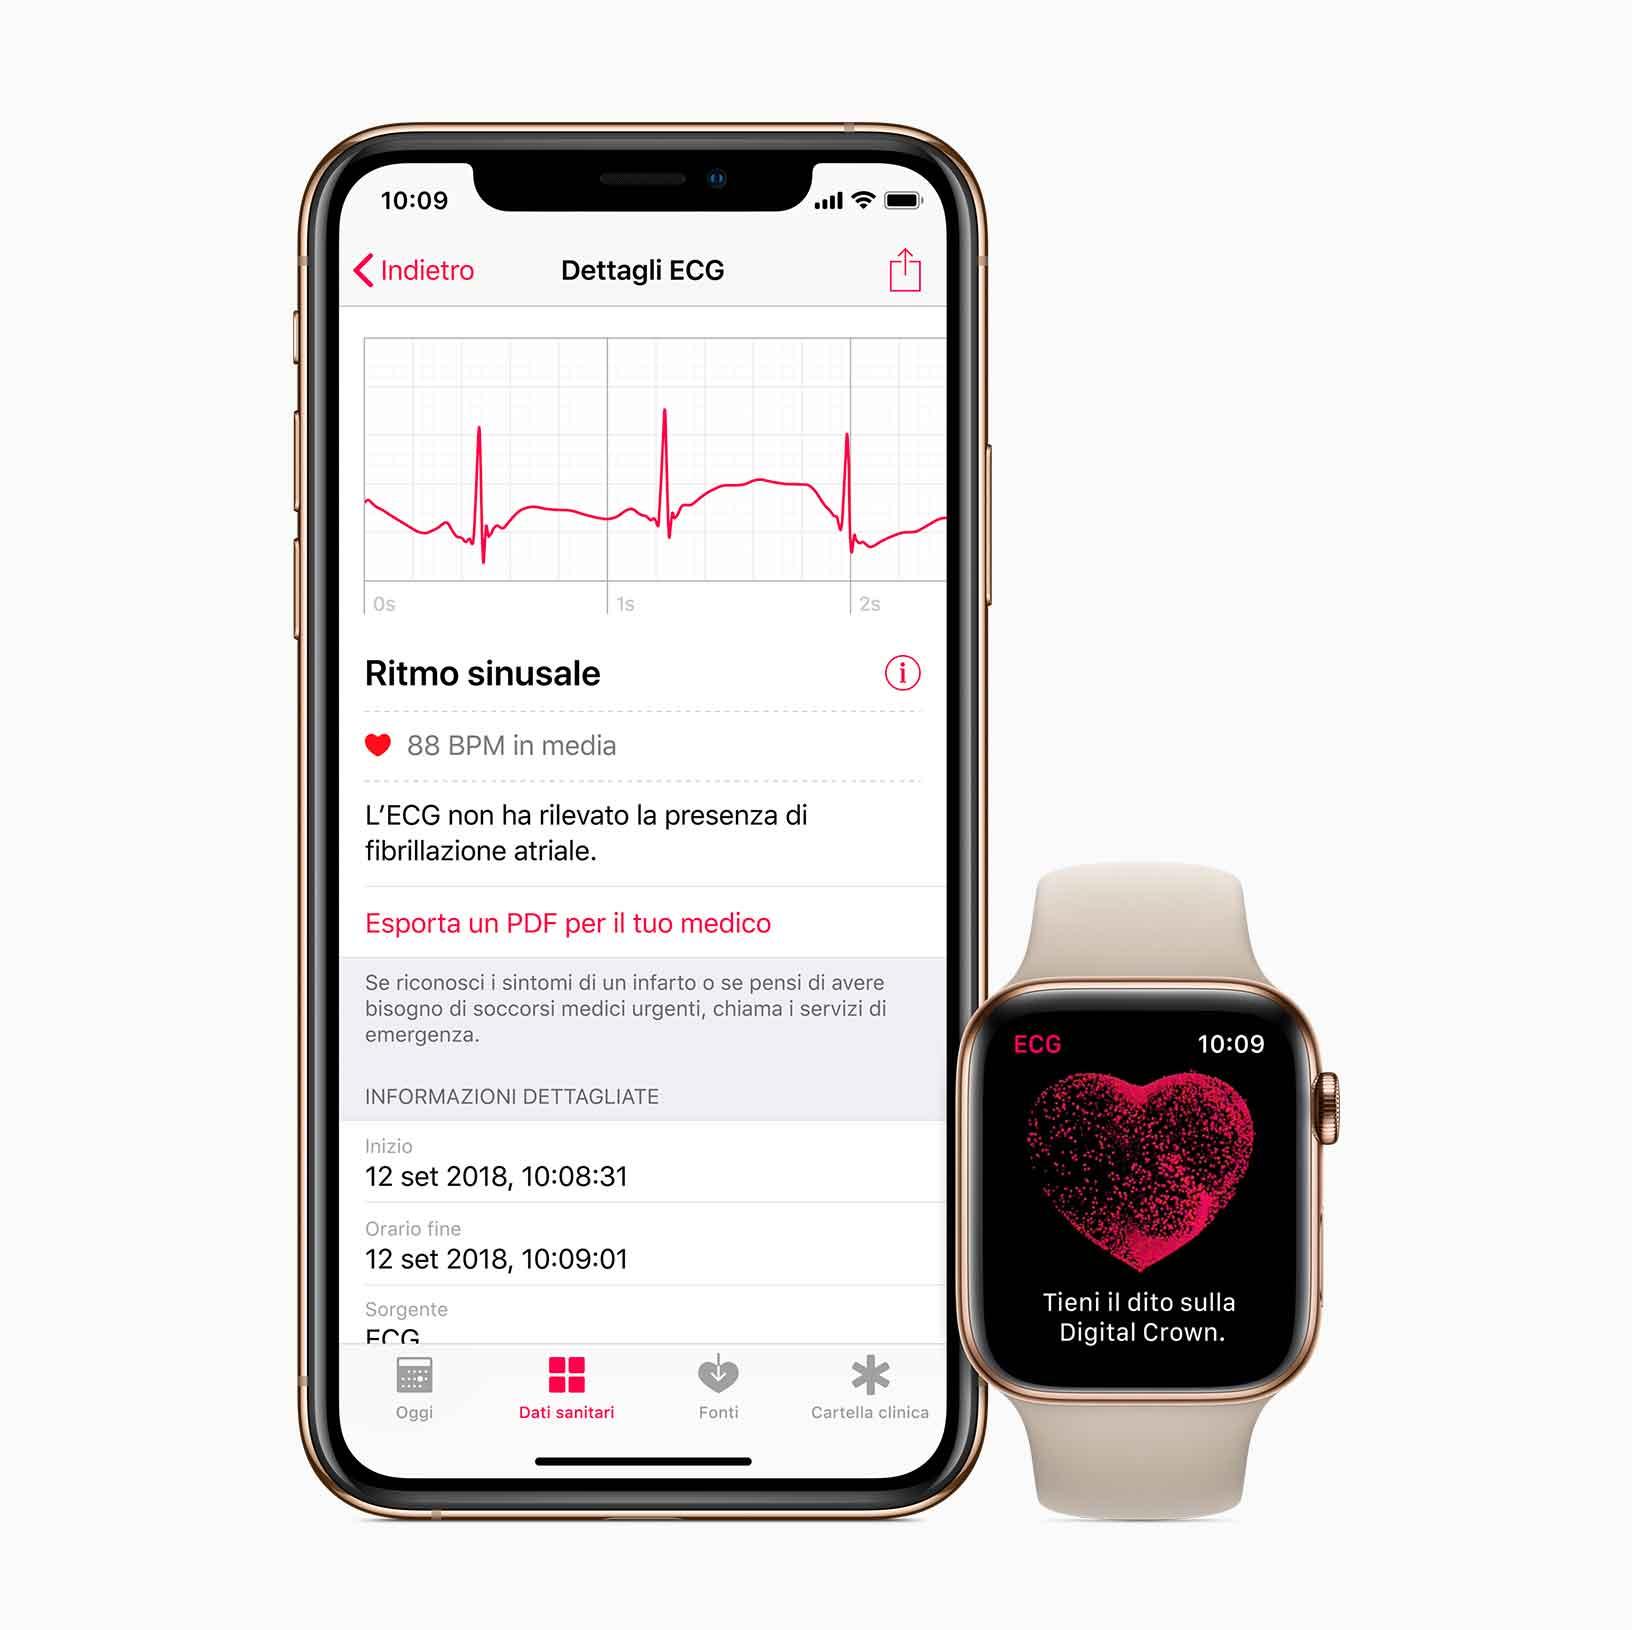 Tutte le registrazioni, le relative classificazioni e gli eventuali sintomi riscontrati vengono archiviati in sicurezza nell'app Salute su iPhone.